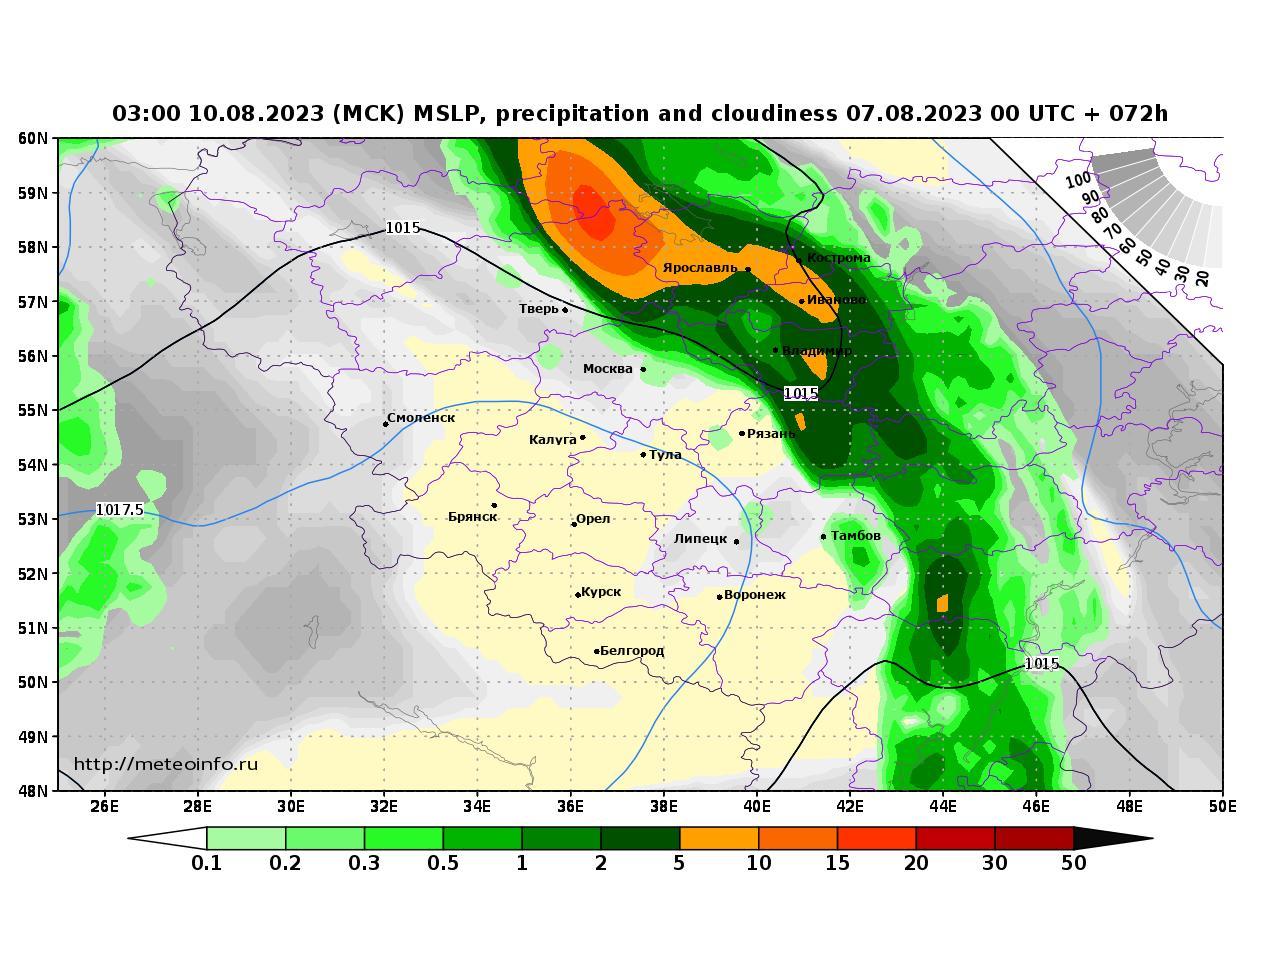 Центральный Федеральный округ, прогностическая карта осадки и давление, заблаговременность прогноза 72 часа